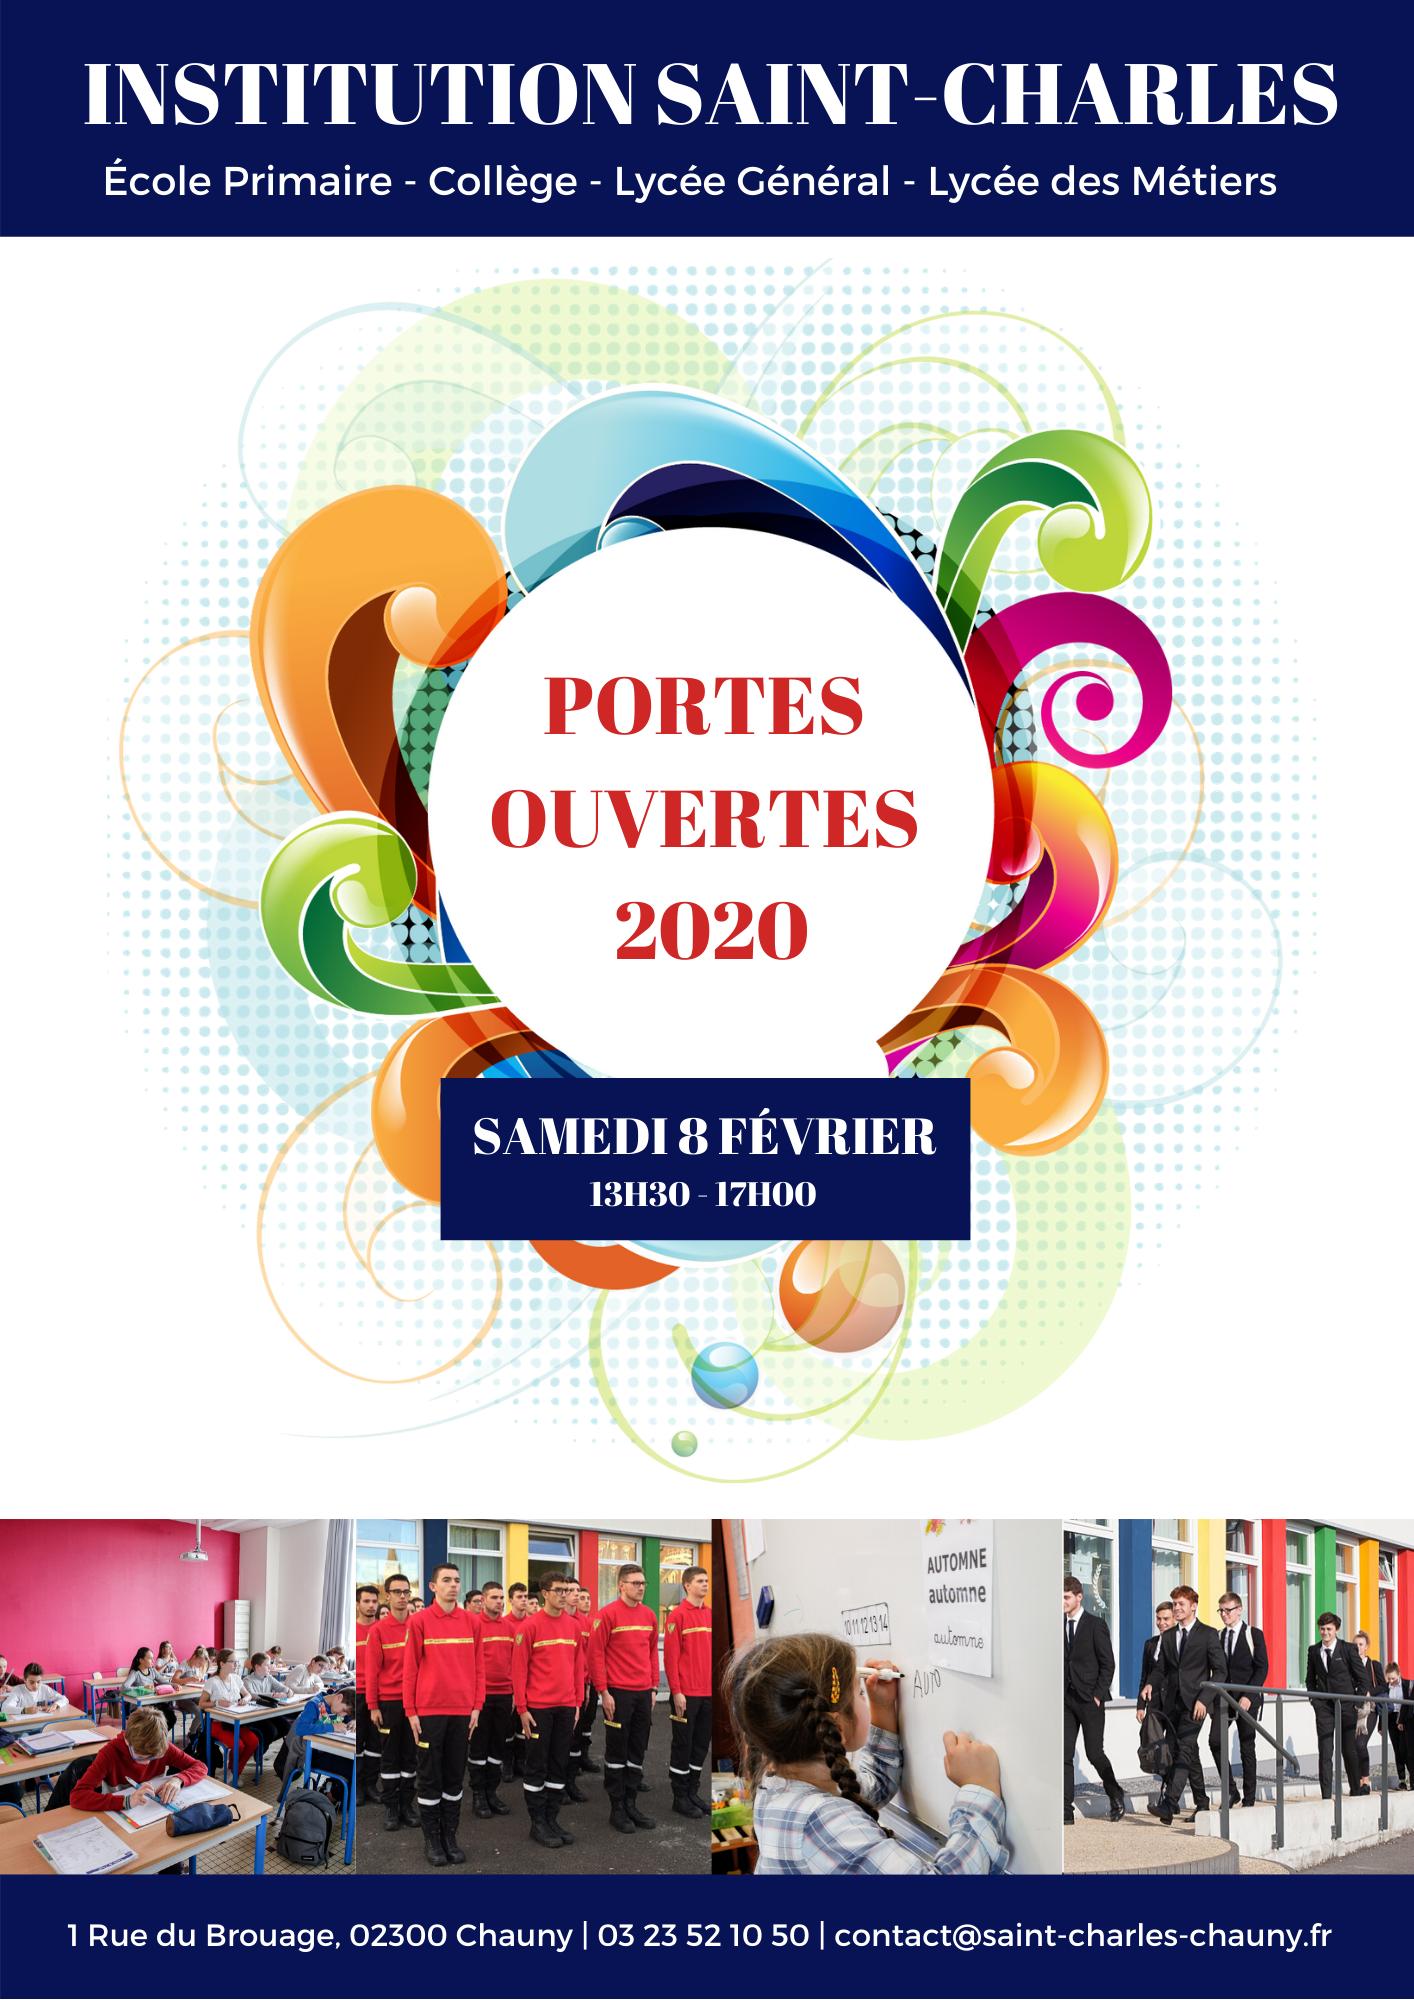 Portes ouvertes saint-charles chauny février 2020